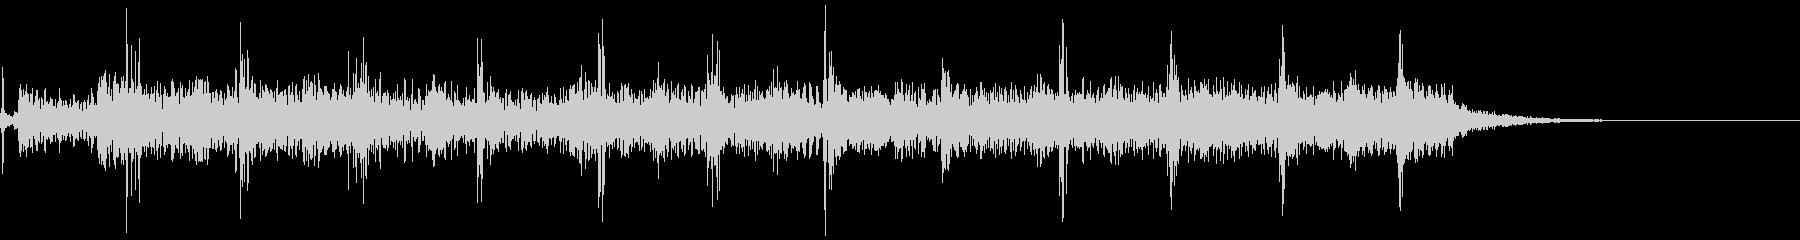 典型的なフラメンコギターのフレーズの未再生の波形